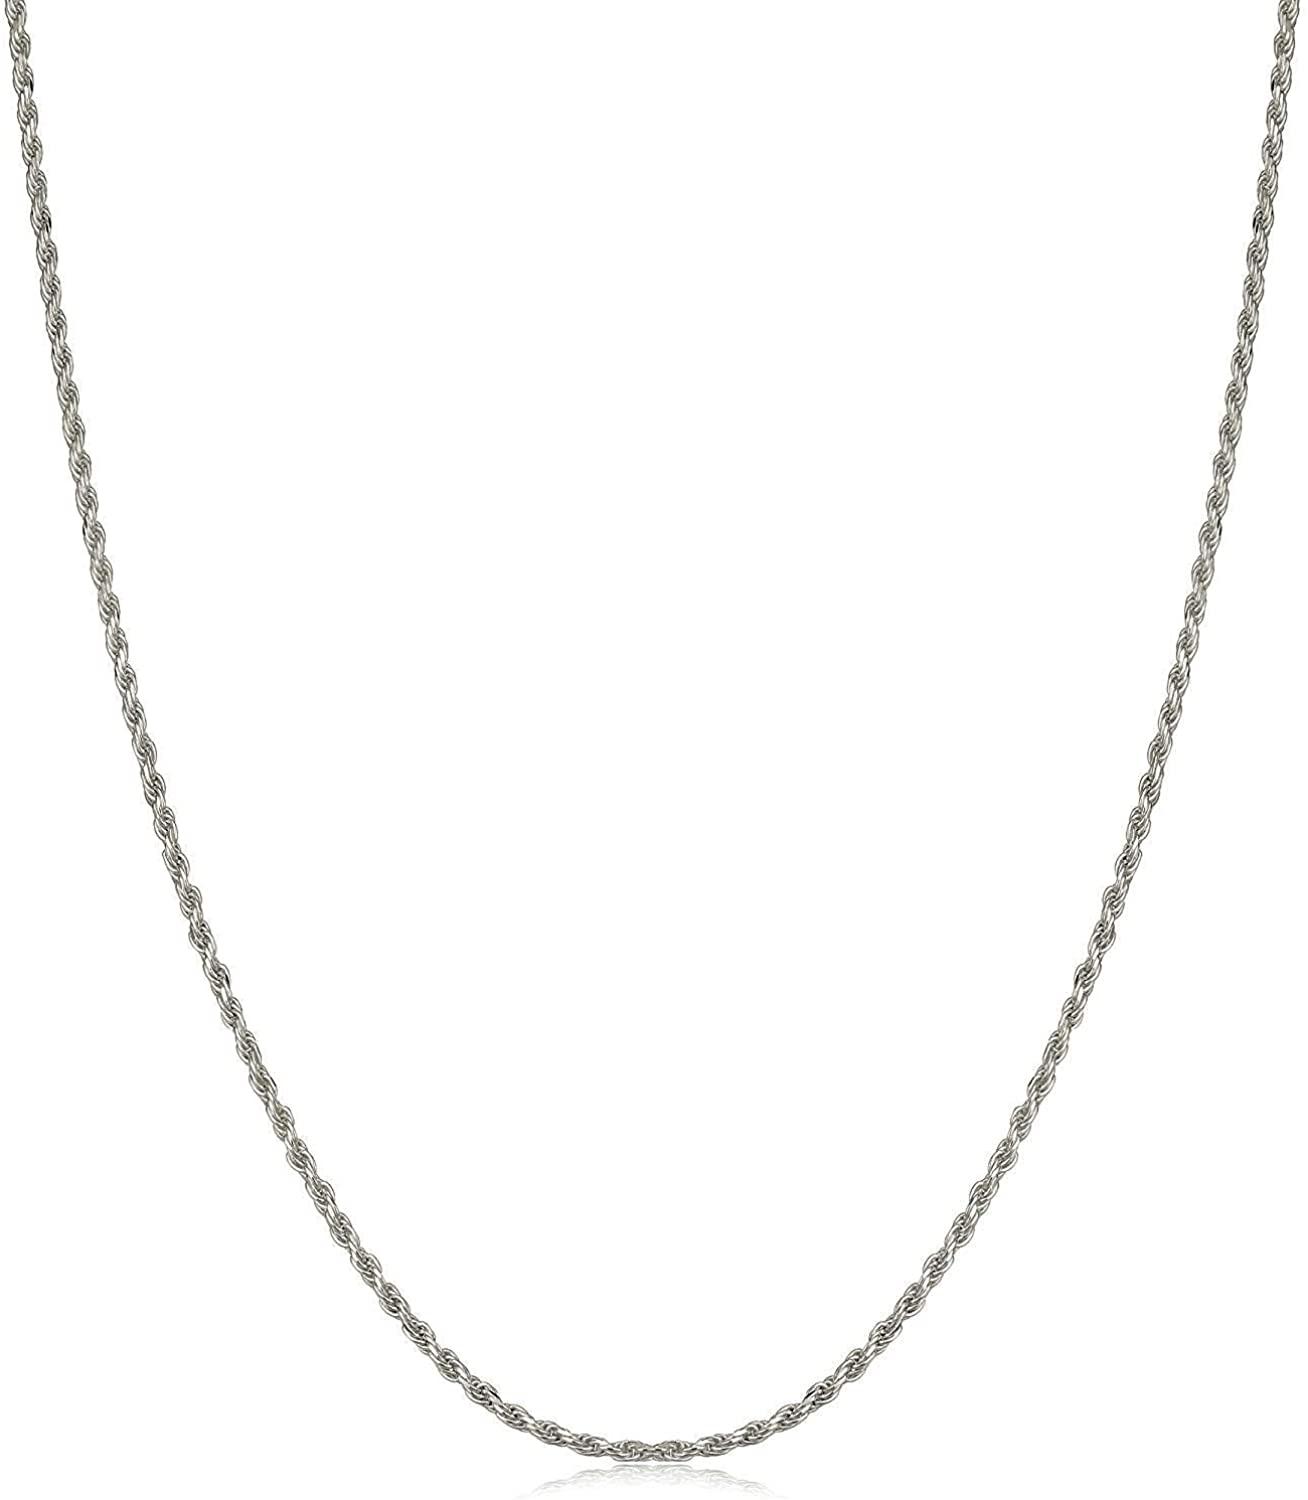 14K White Gold 1mm - 4mm Solid Rope Diamond Cut Chain, FREE Microfiber Cloth, Link Necklace, Giorgio Bergamo